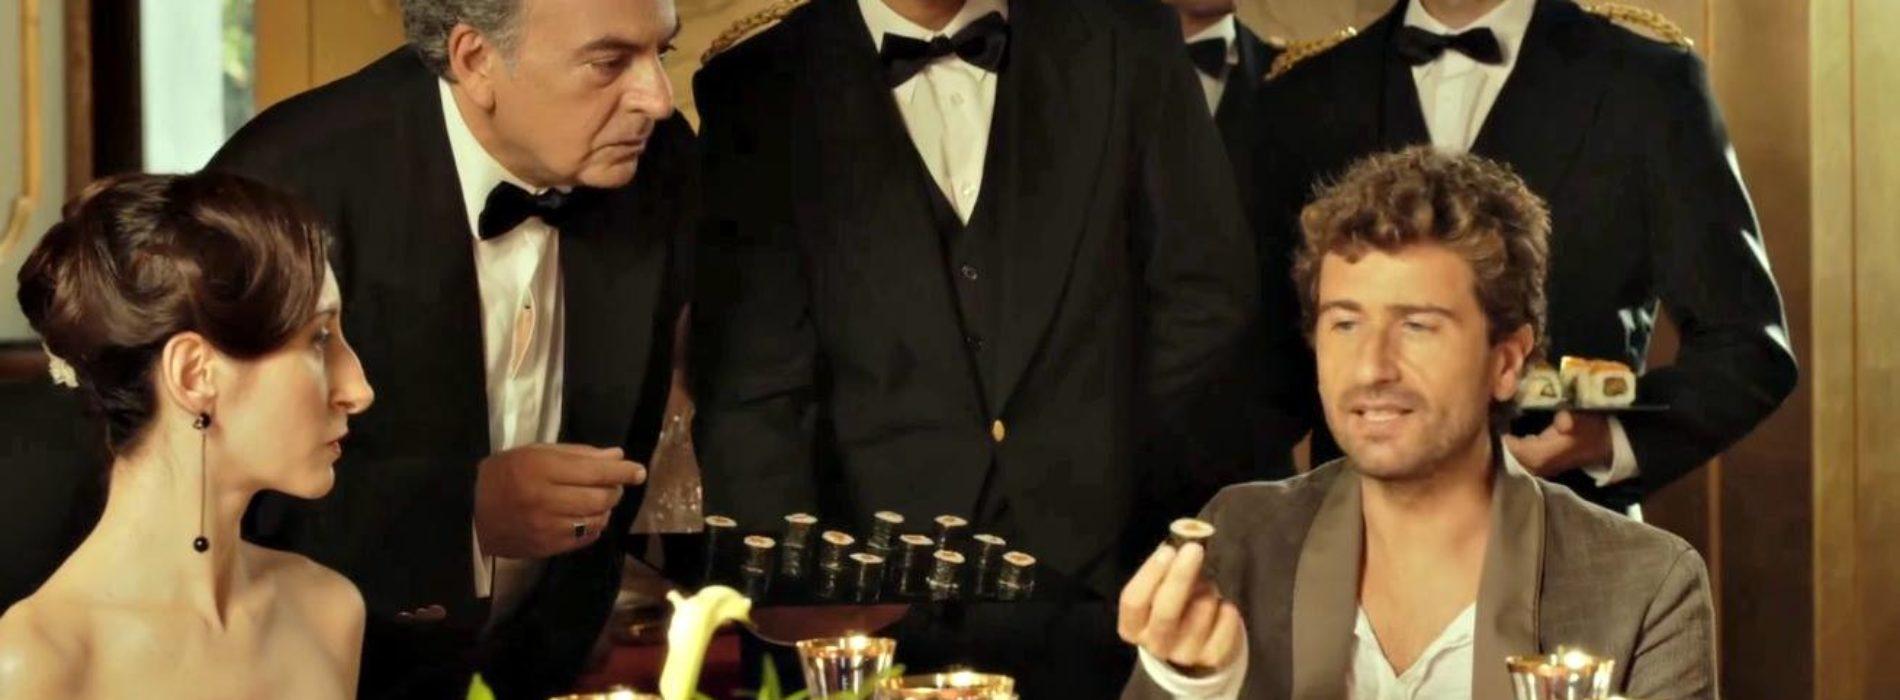 Arriva al cinema Mister Felicità: grande successo per il nuovo film di Alessandro Siani